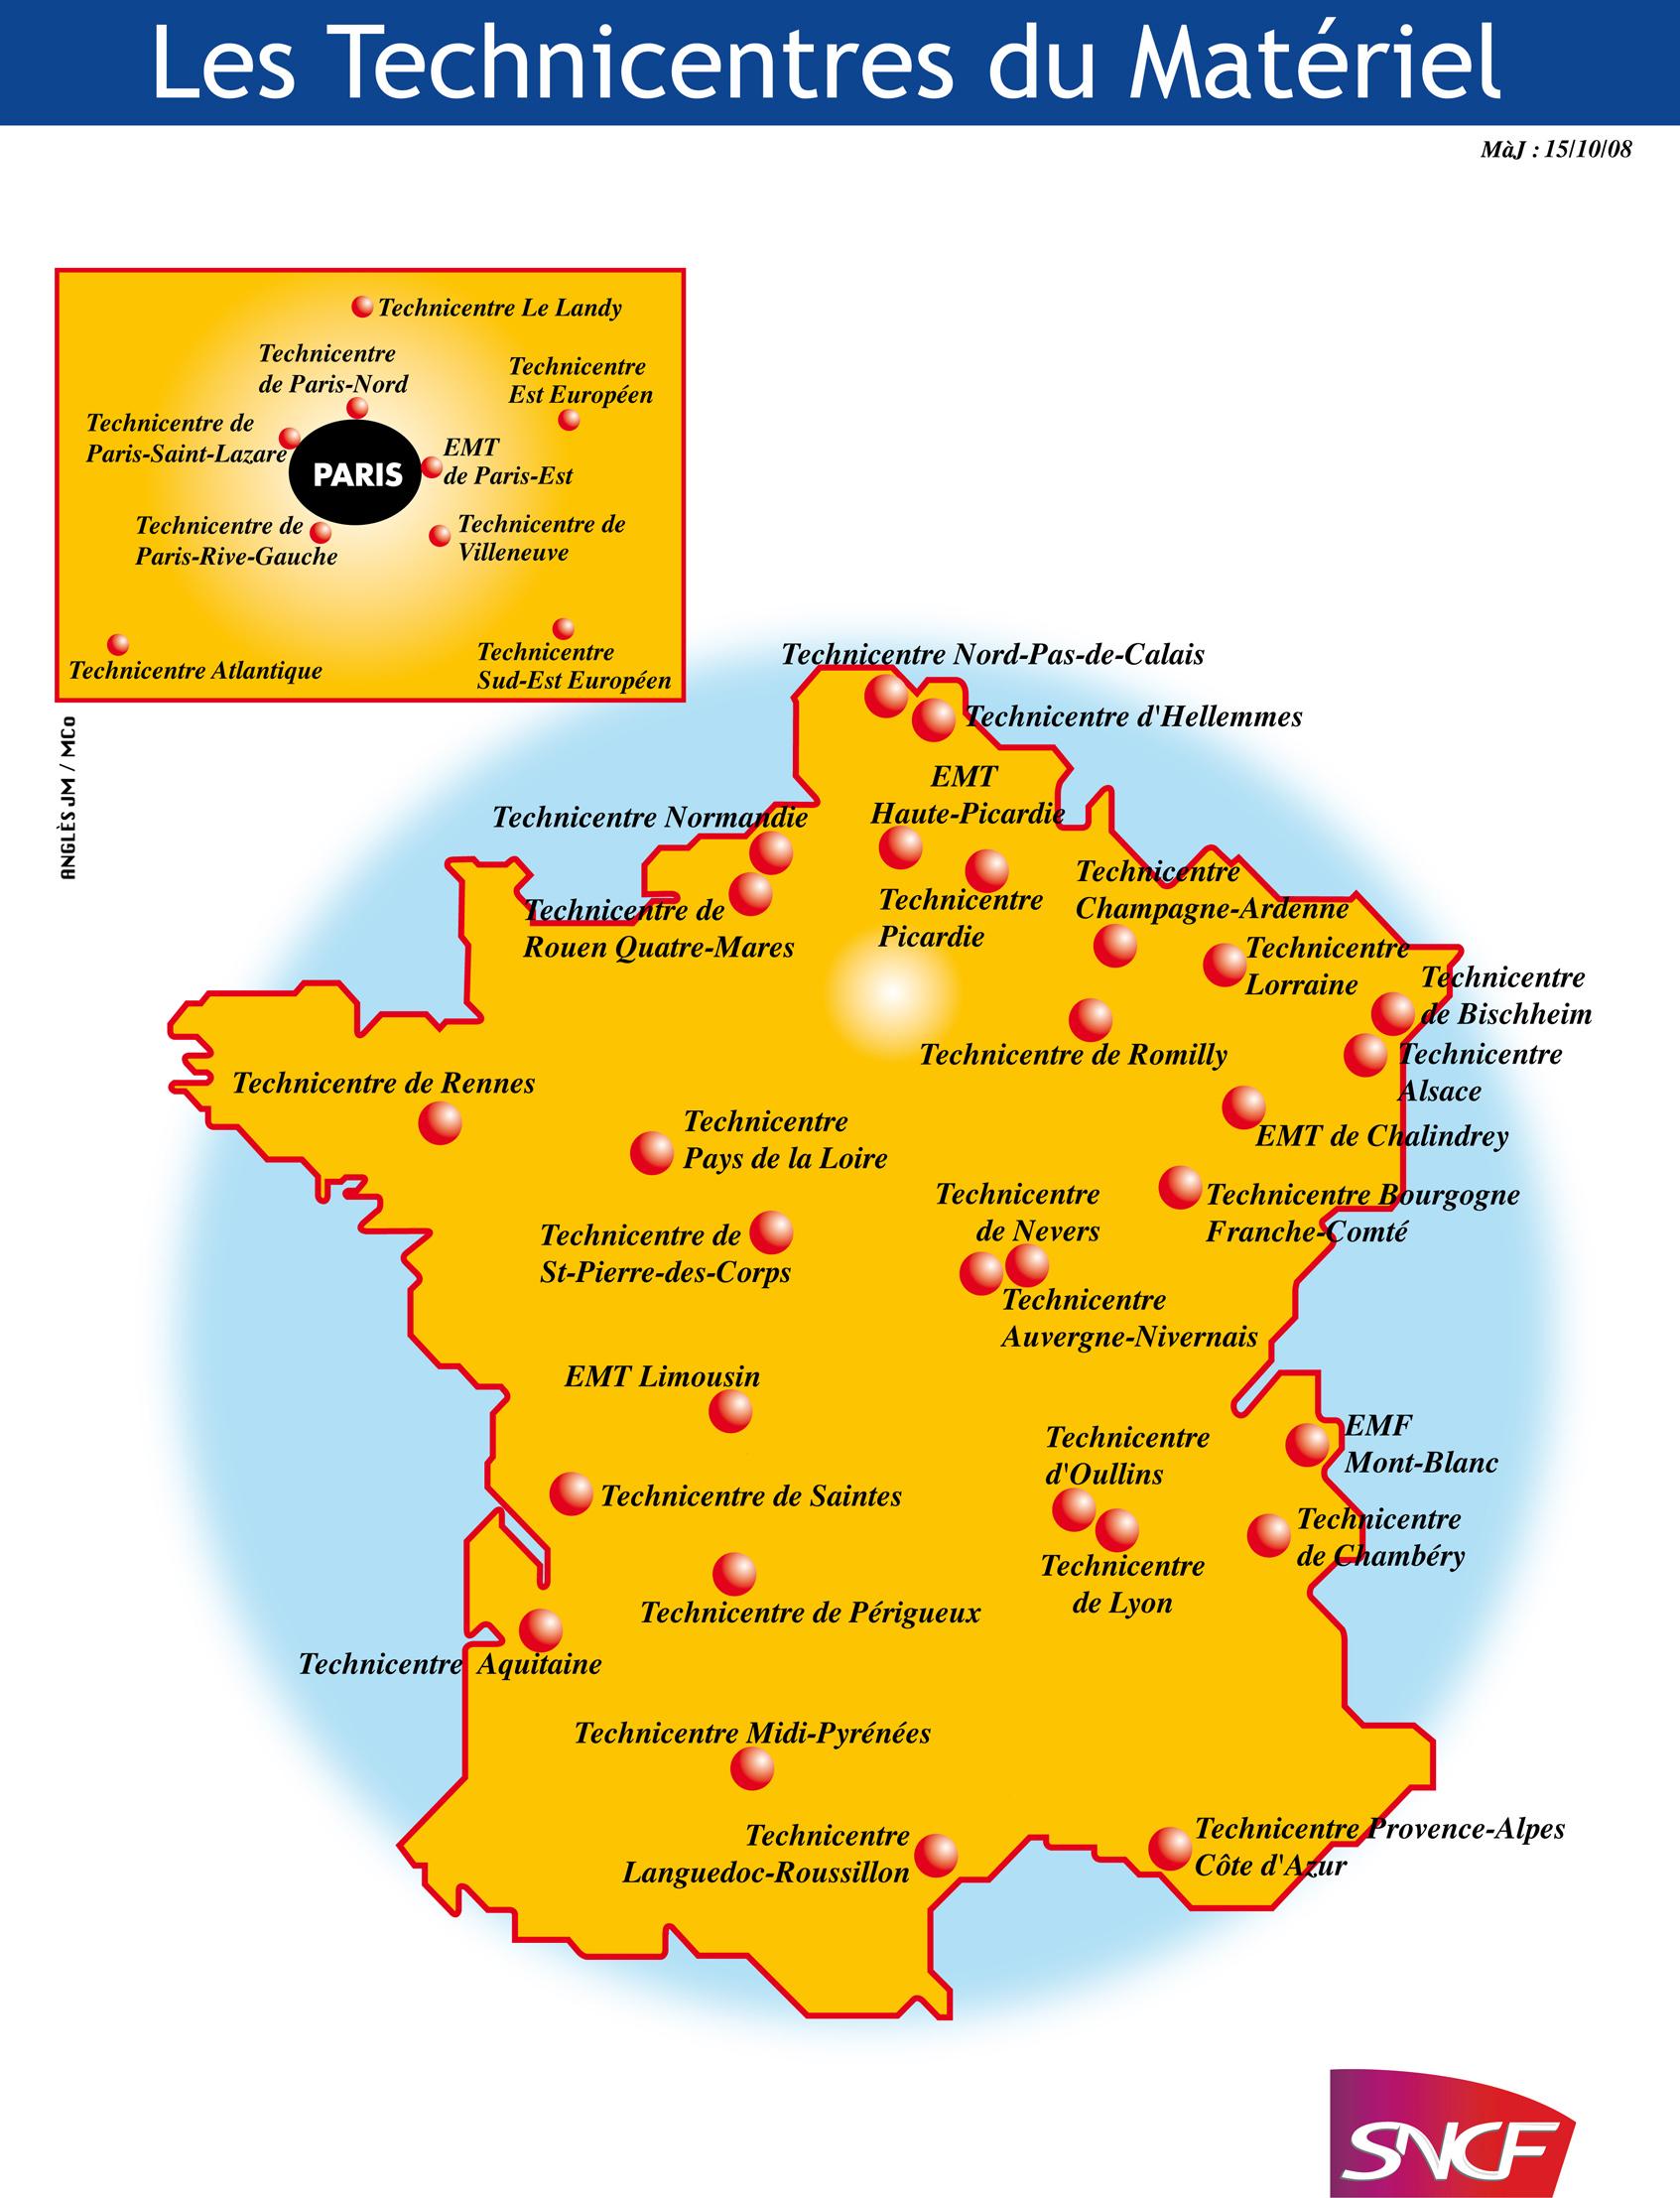 technicentre en france - L'entreprise SNCF, ses métiers, ses cheminots - Le Web des Cheminots